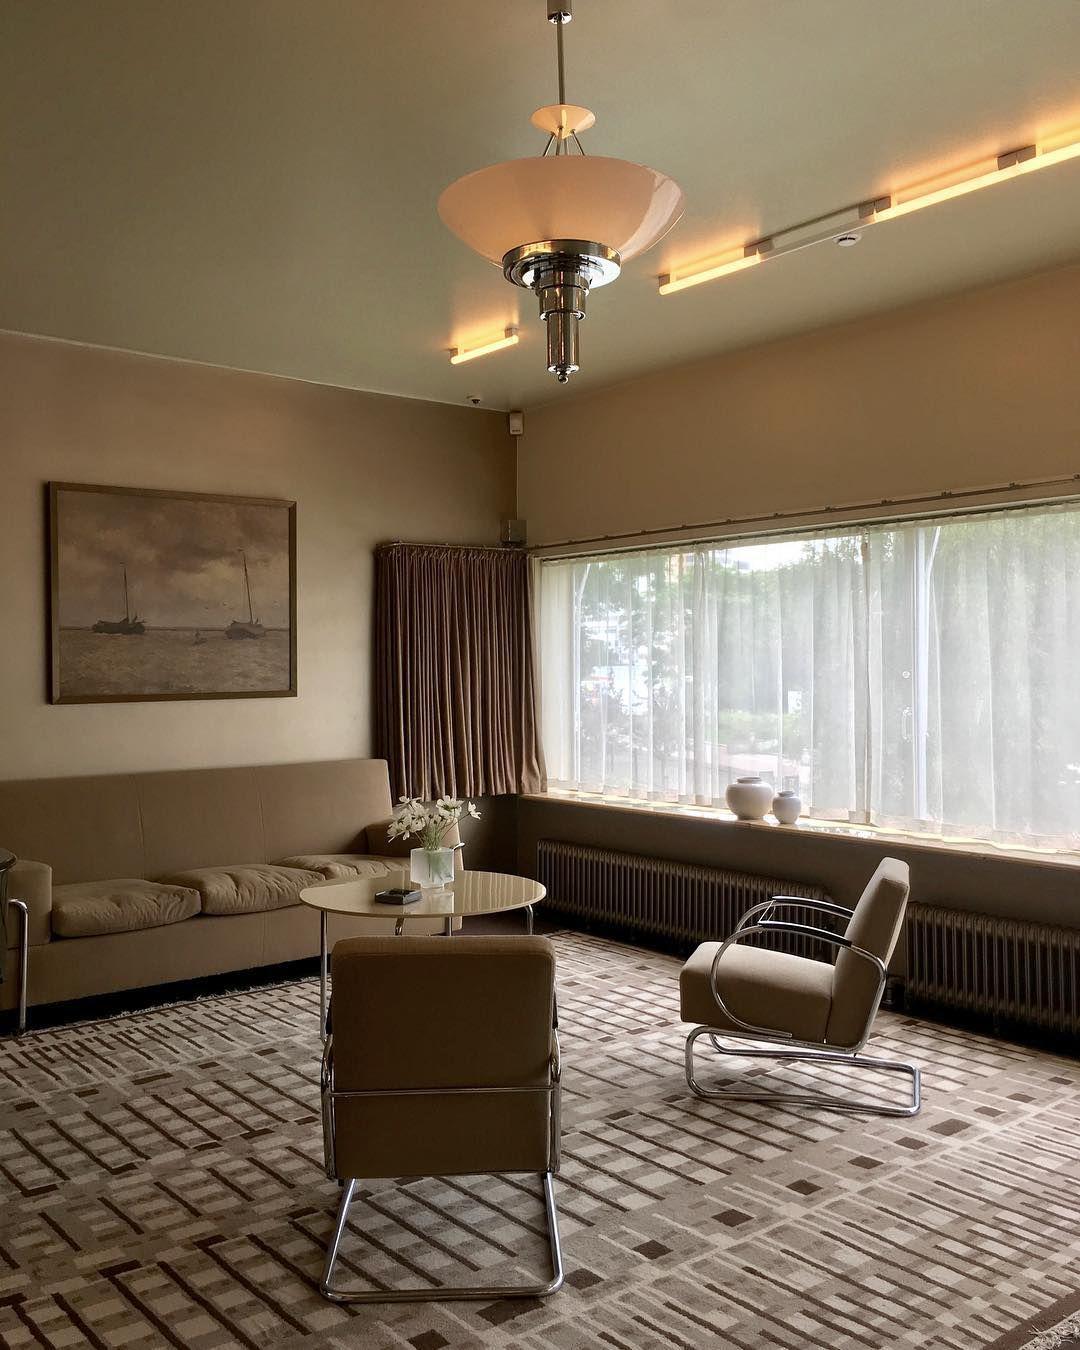 (+90 фото) Интерьер гостиной в бежевых тонах